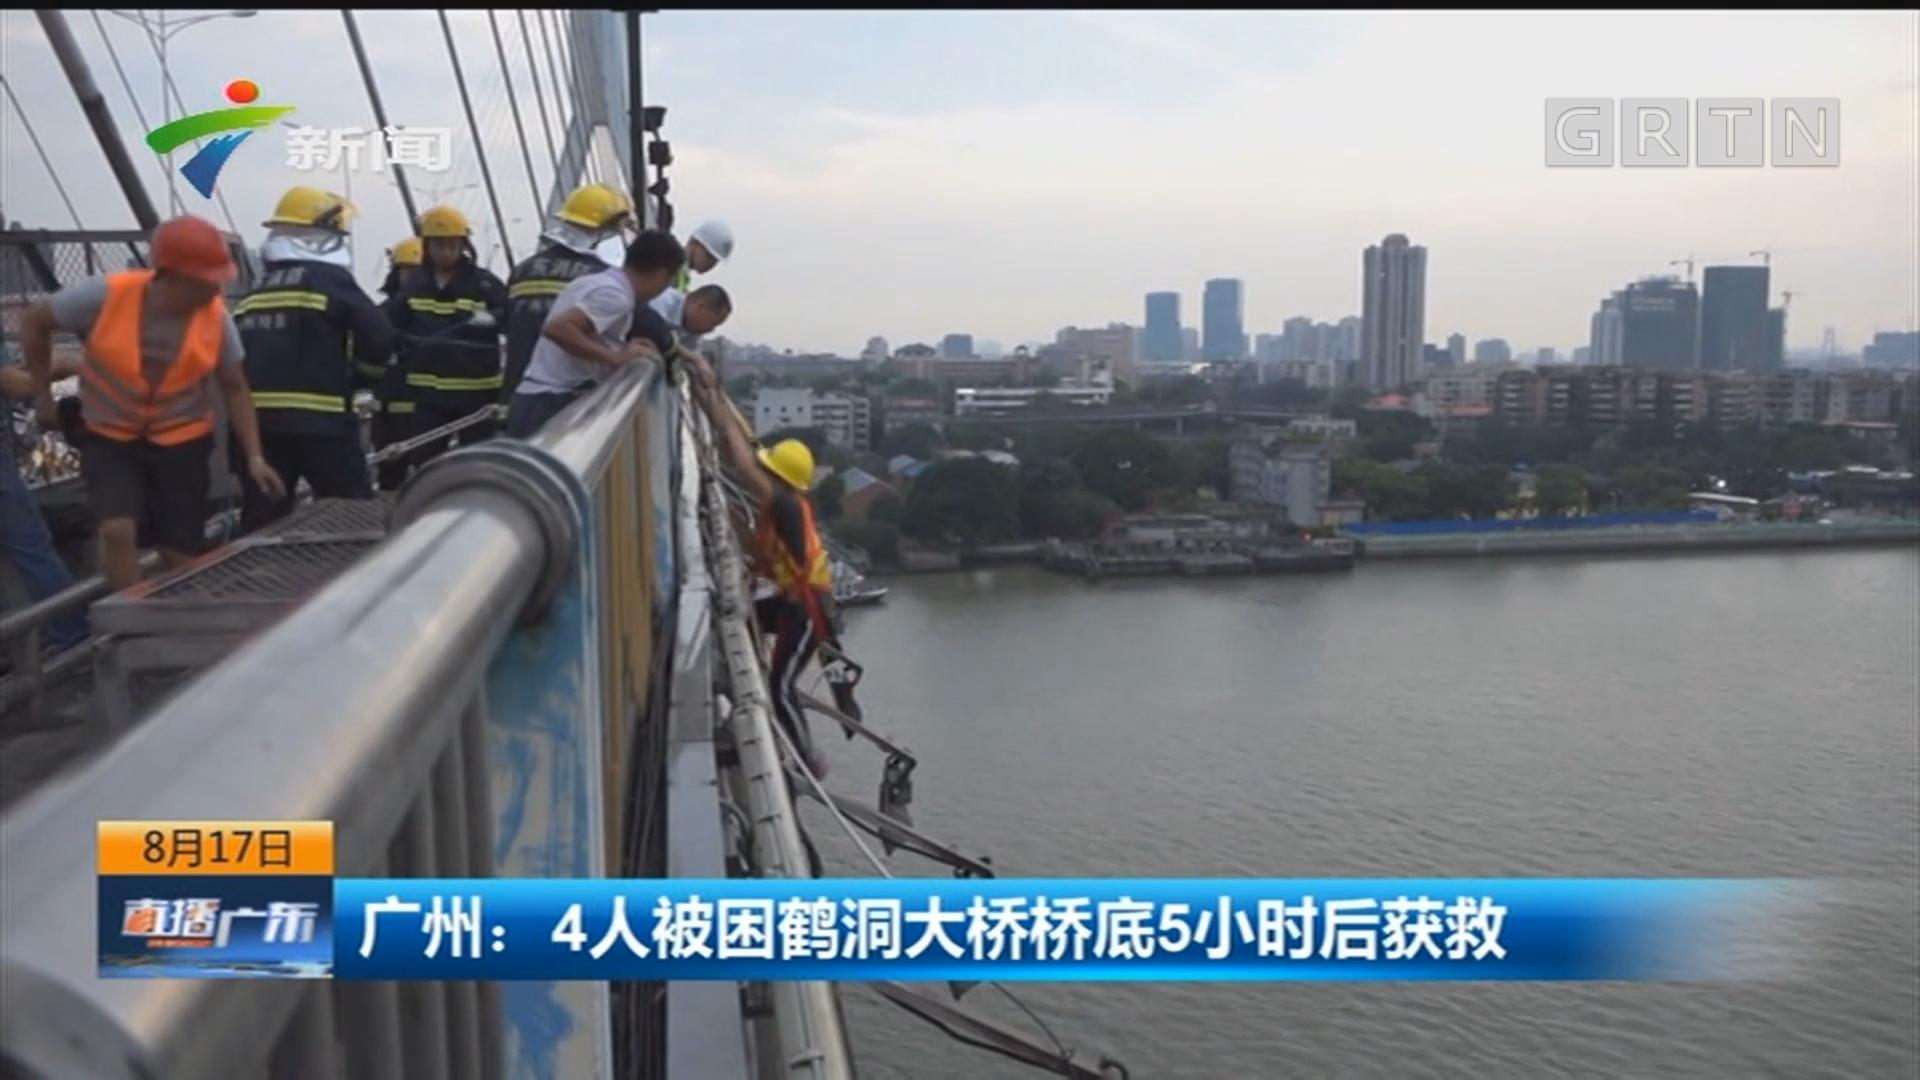 广州:4人被困鹤洞大桥桥底5小时后获救